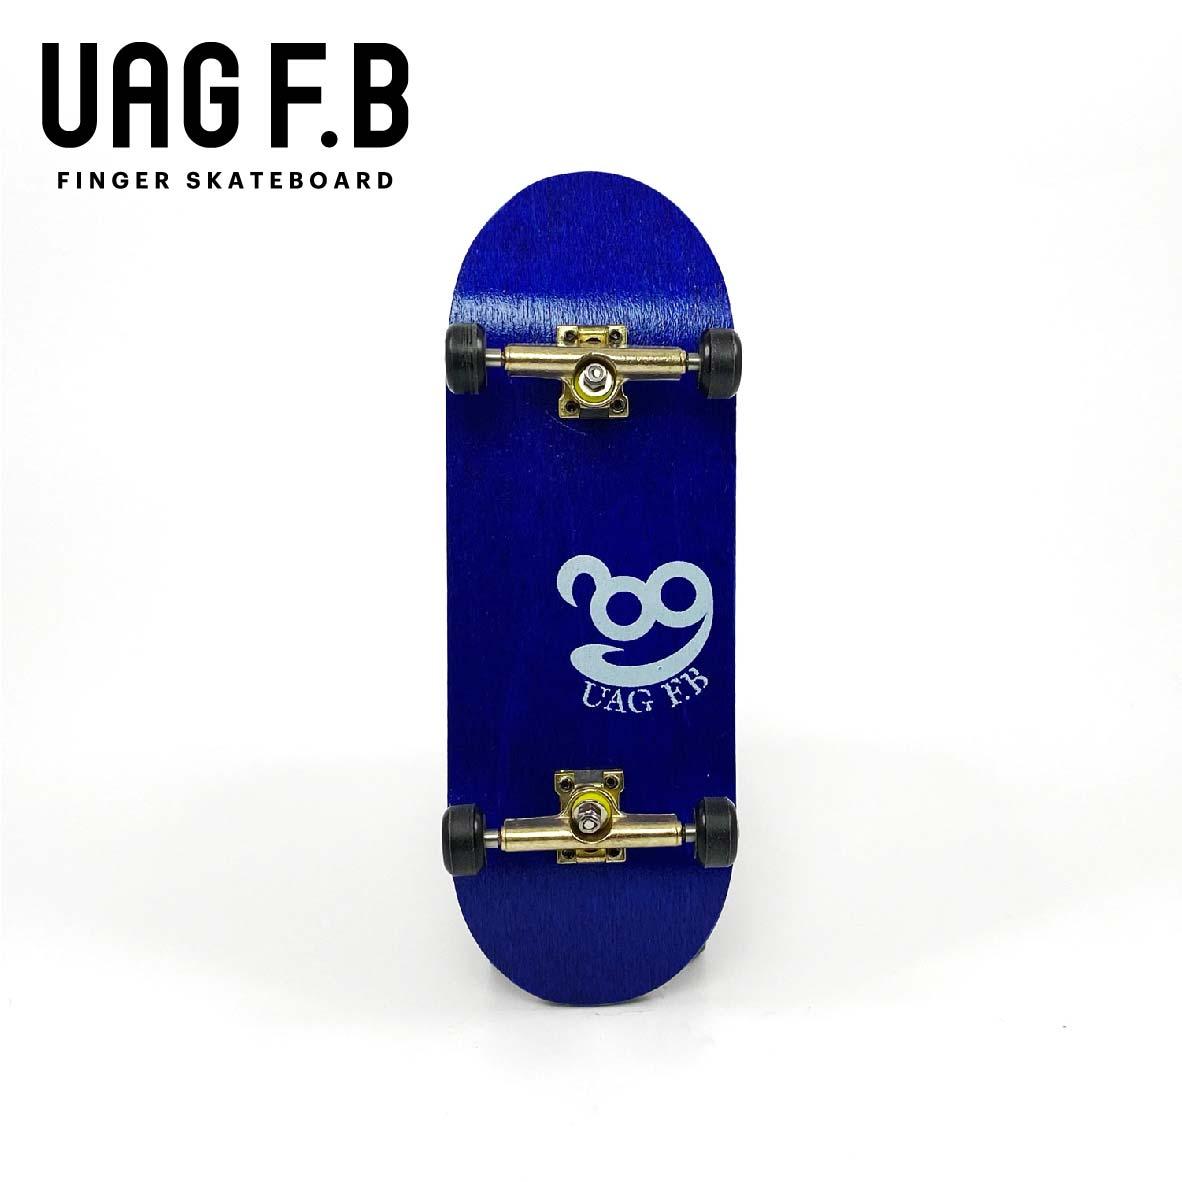 これから始めたい方にオススメ 価格とクオリティーにこだわったUAG F.Bの定番モデル UAG 売買 F.B 《UAG コンプリート》 -slim おトク Blue ver- board 指スケ finger skate